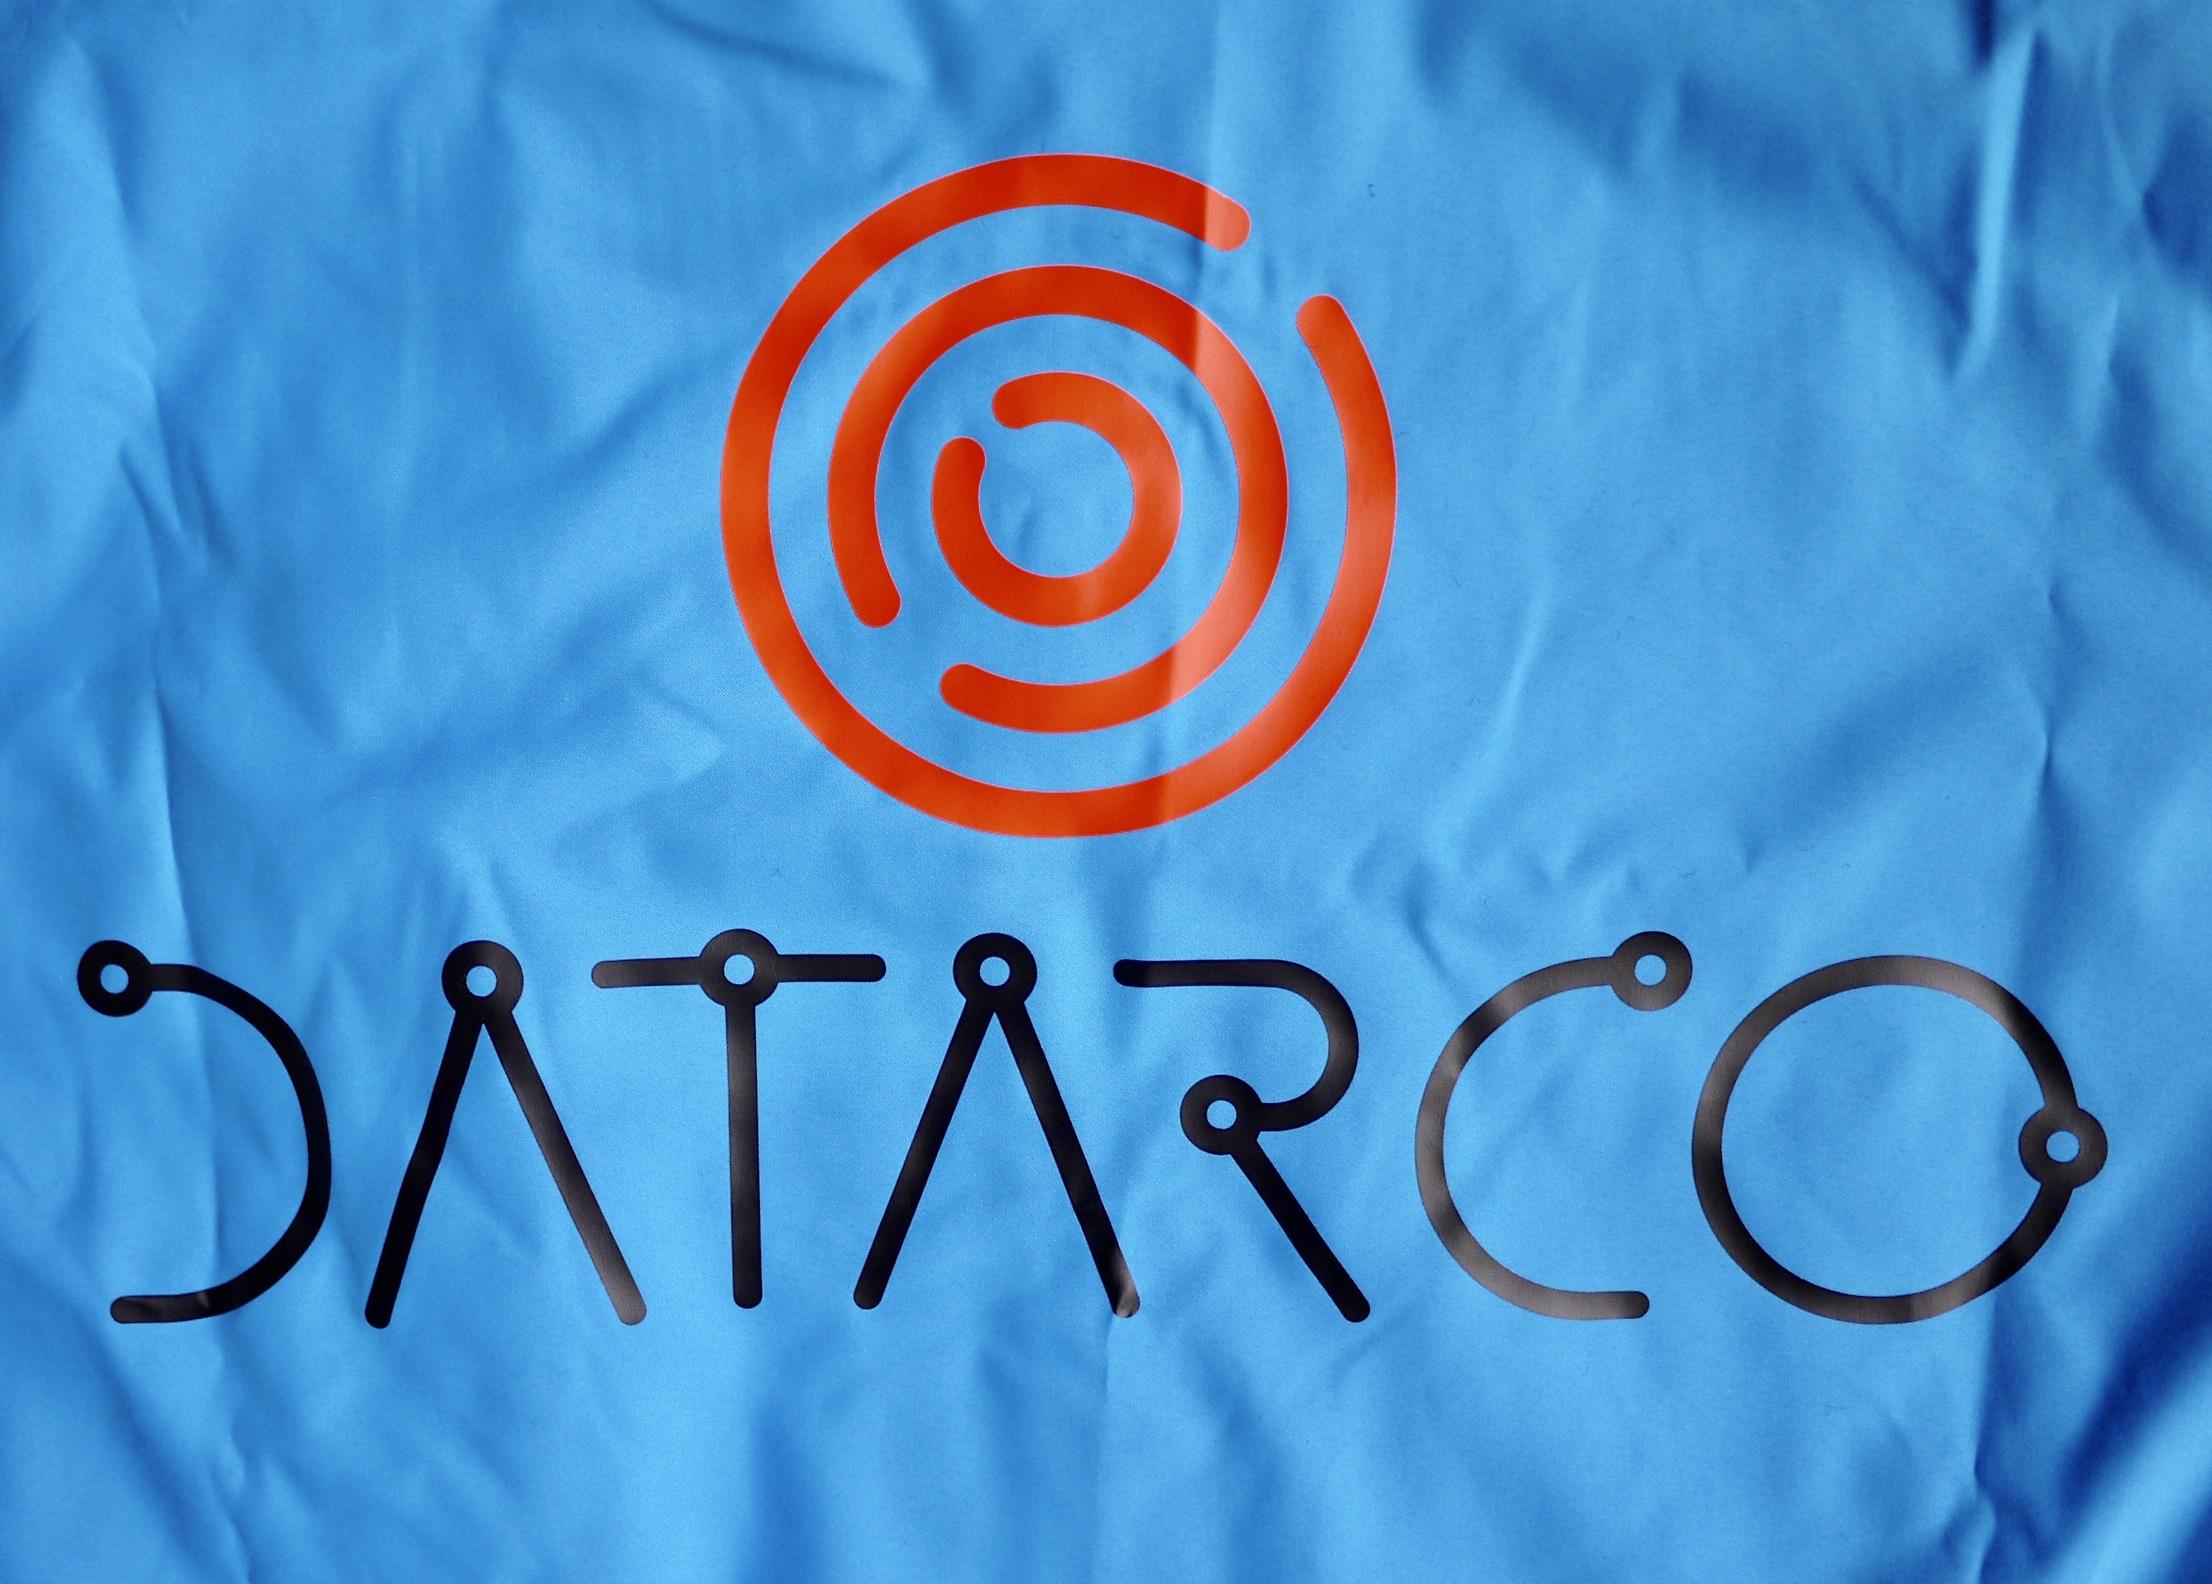 Chaqueta Datarco